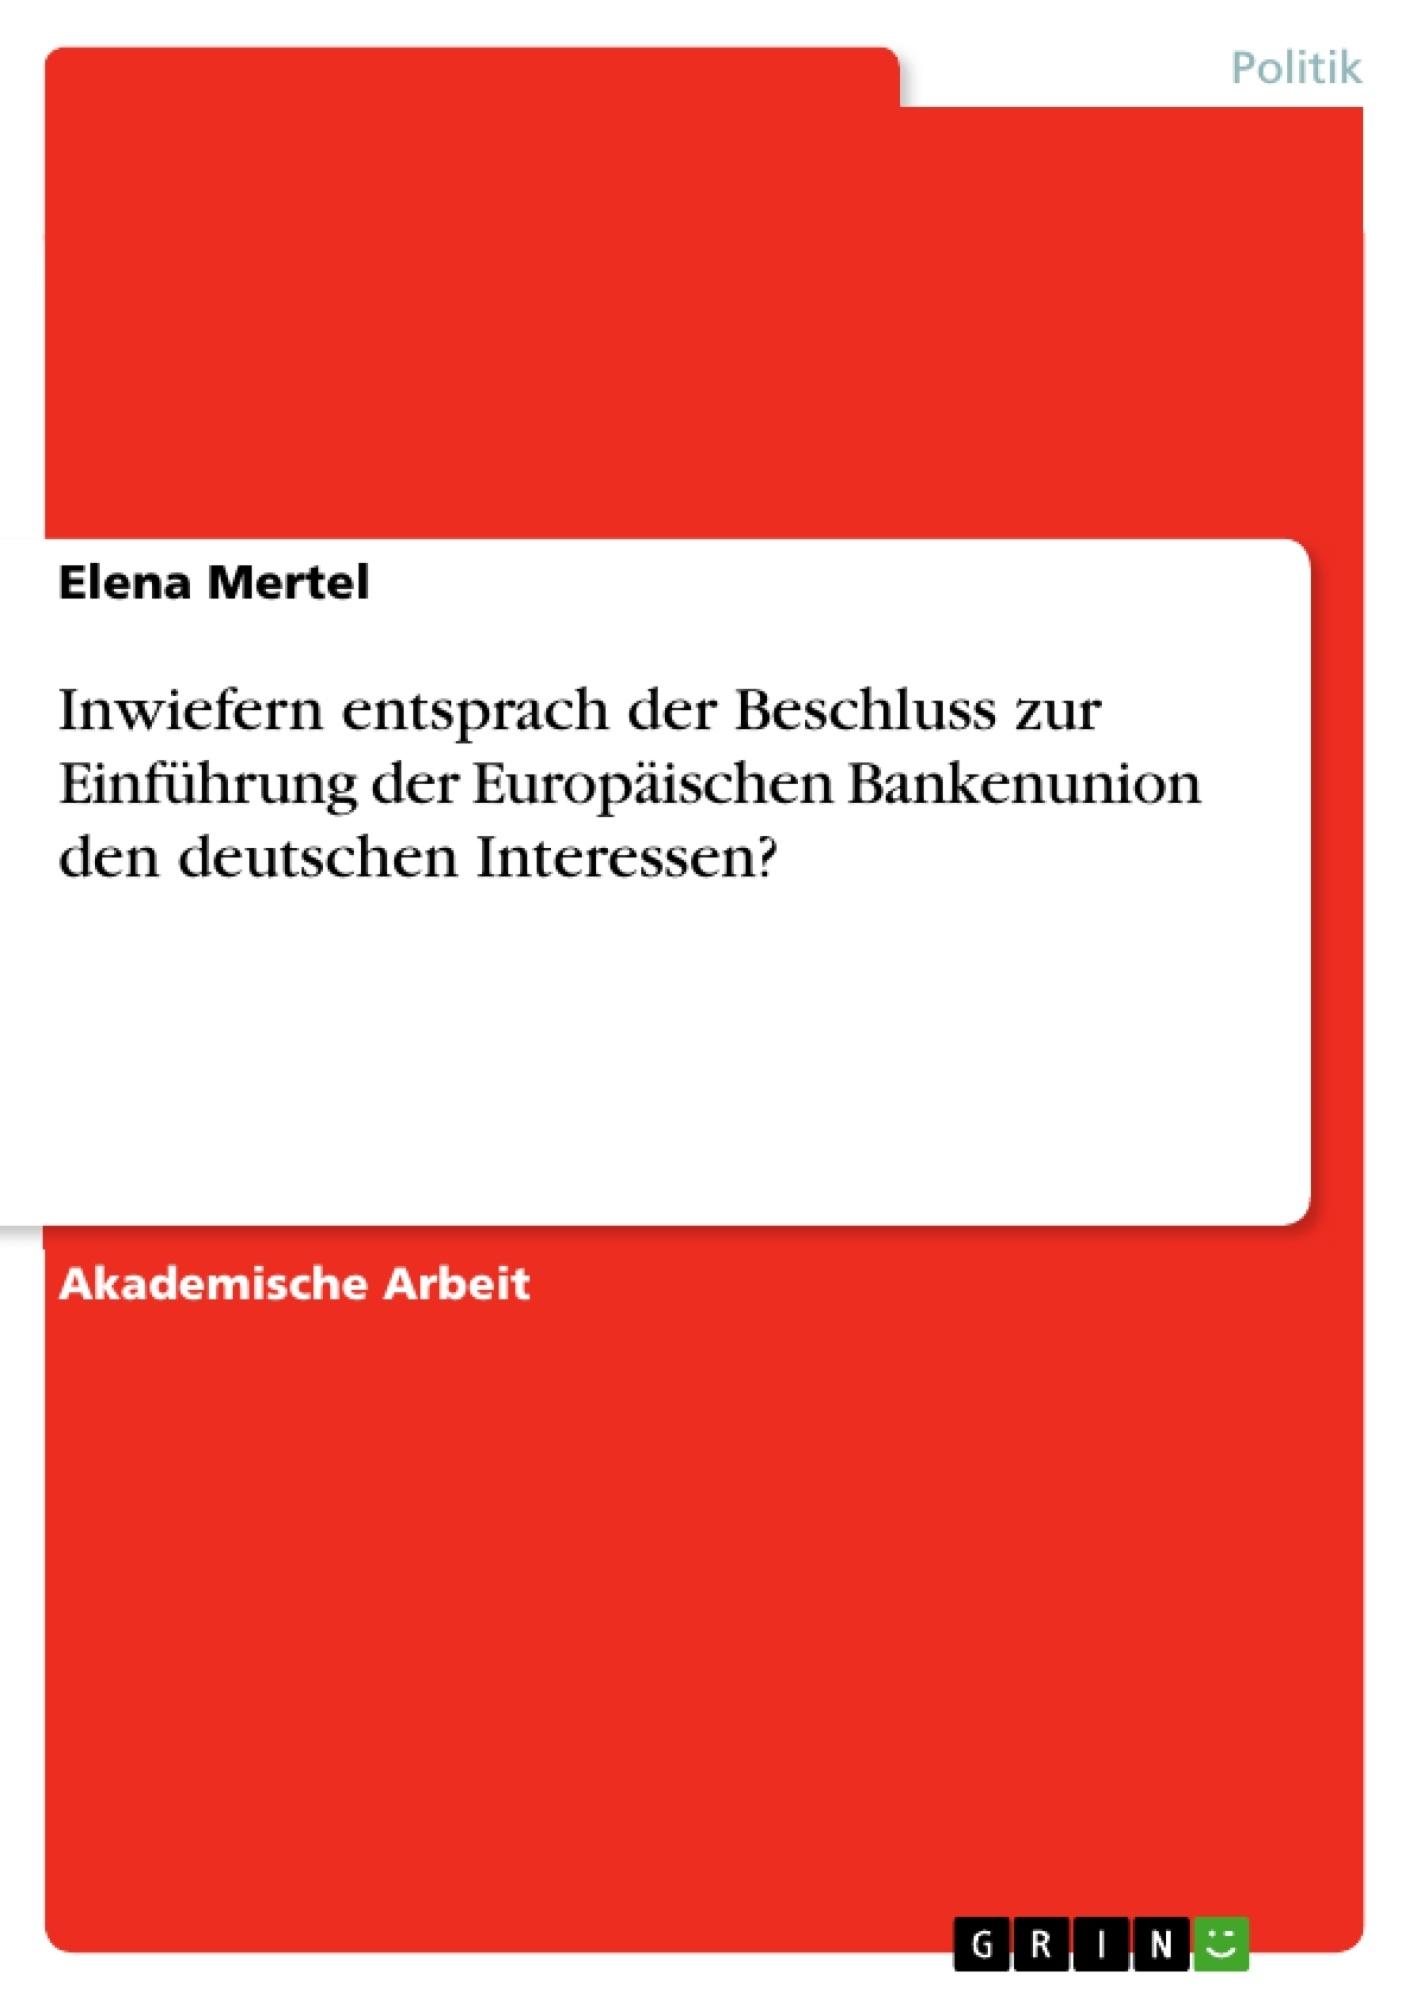 Titel: Inwiefern entsprach der Beschluss zur Einführung der Europäischen Bankenunion den deutschen Interessen?